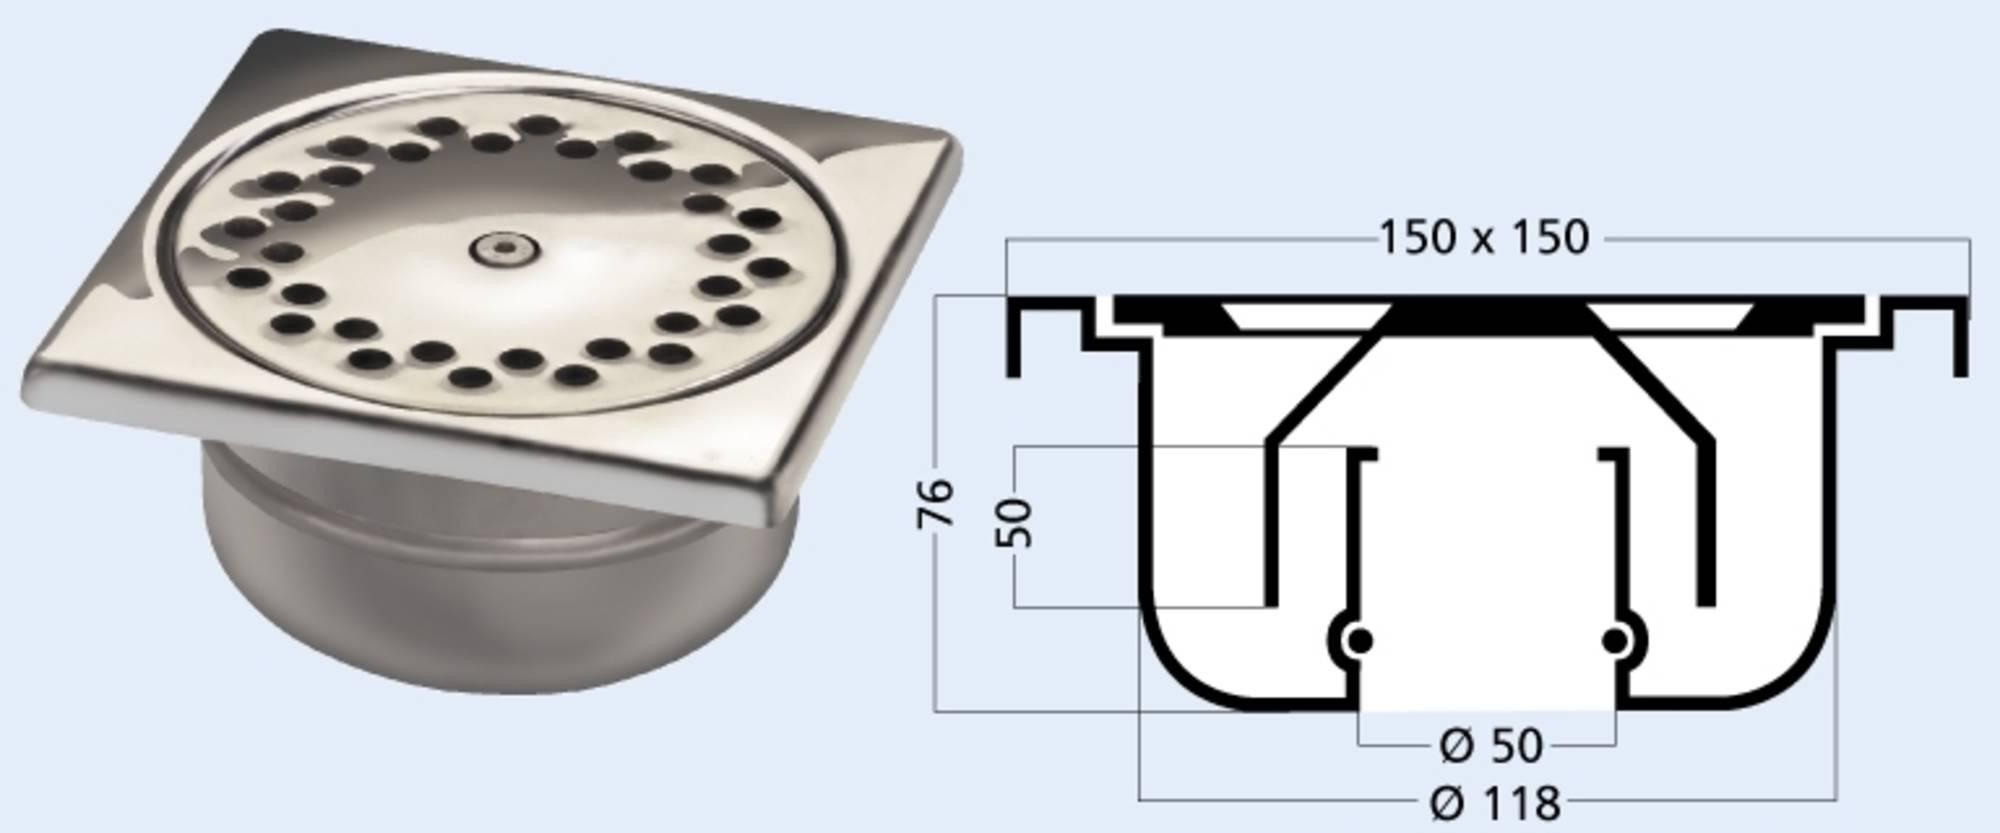 BERG VAN DEN vloerput 15x15 cm. met rvs rooster onderuitlaat (415V)